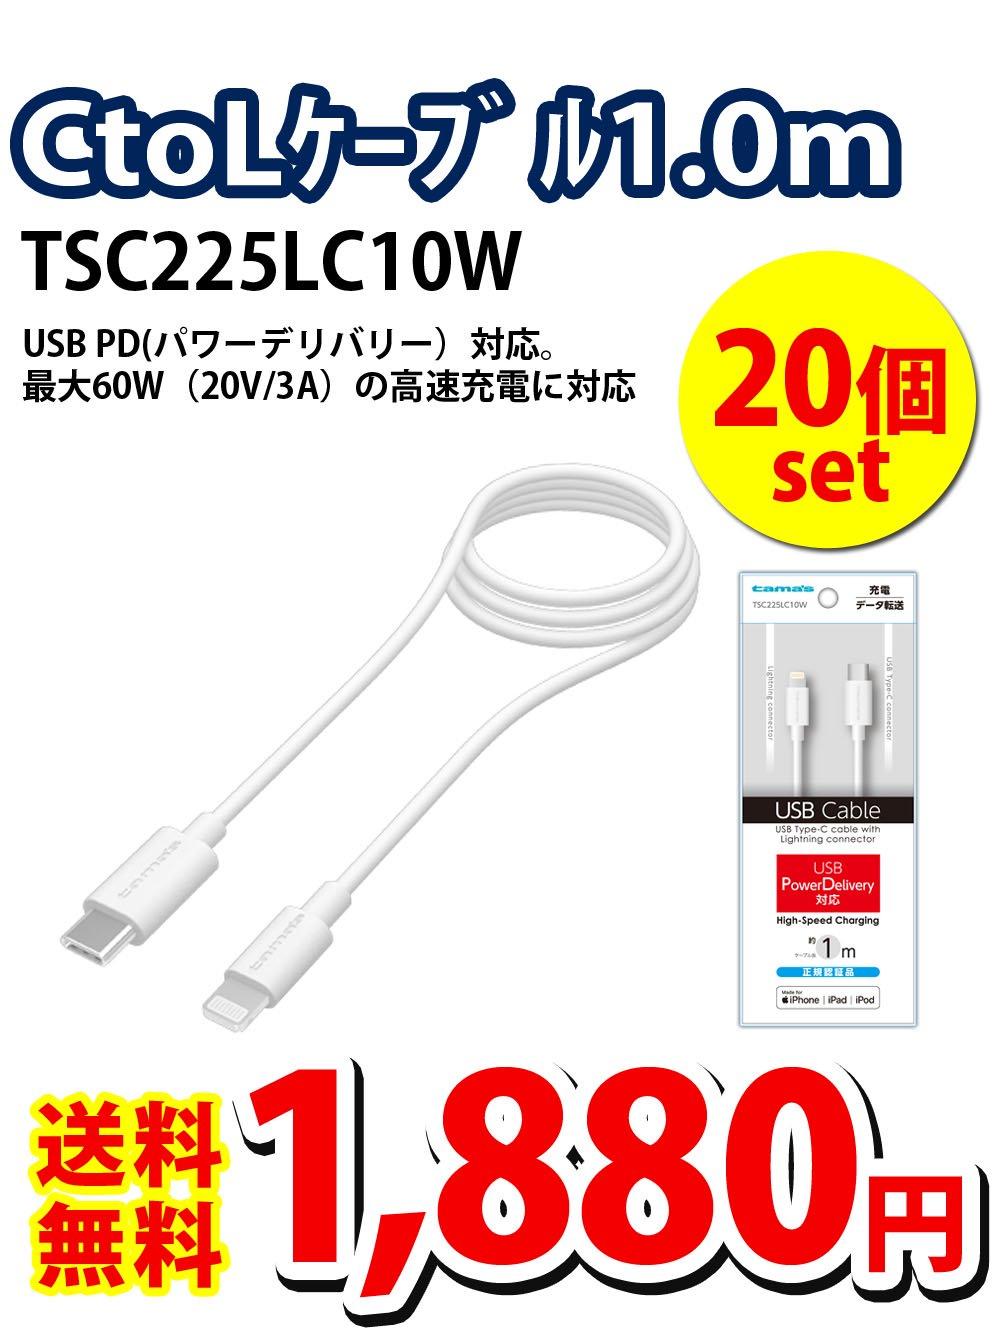 【送料無料】CtoLケーブル1.0m TSC225LC10W【20個セット】1880円